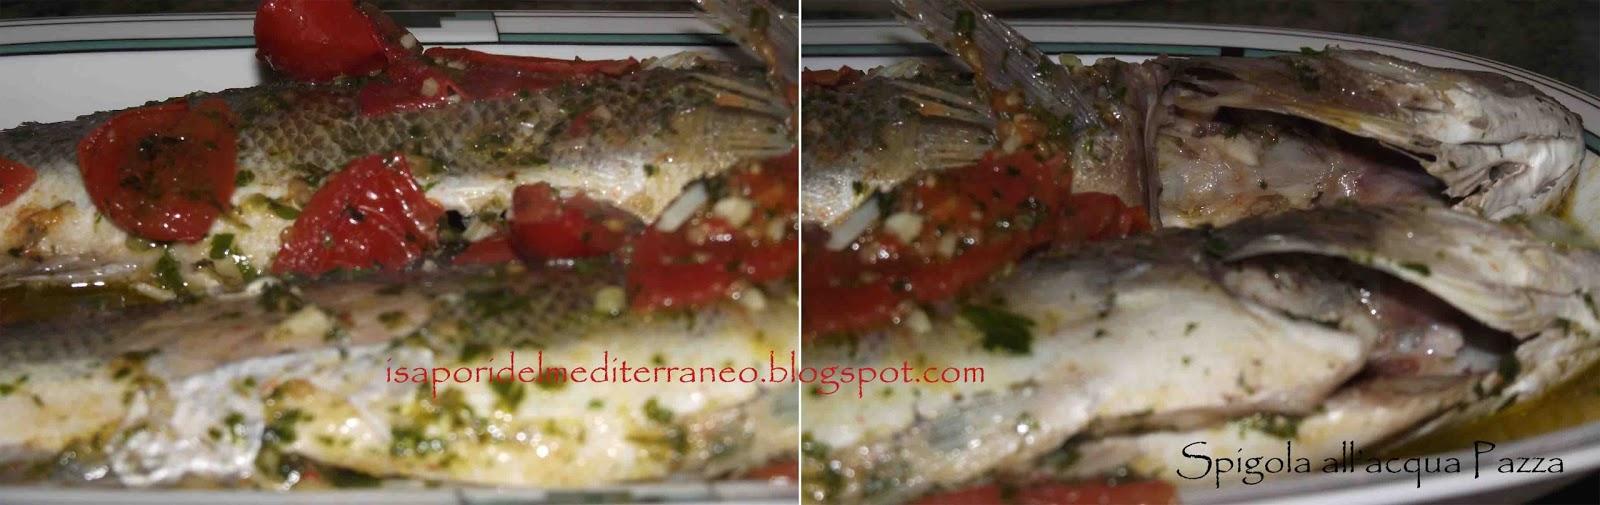 gustoso pesce di mare dal corpo argenteo compresso